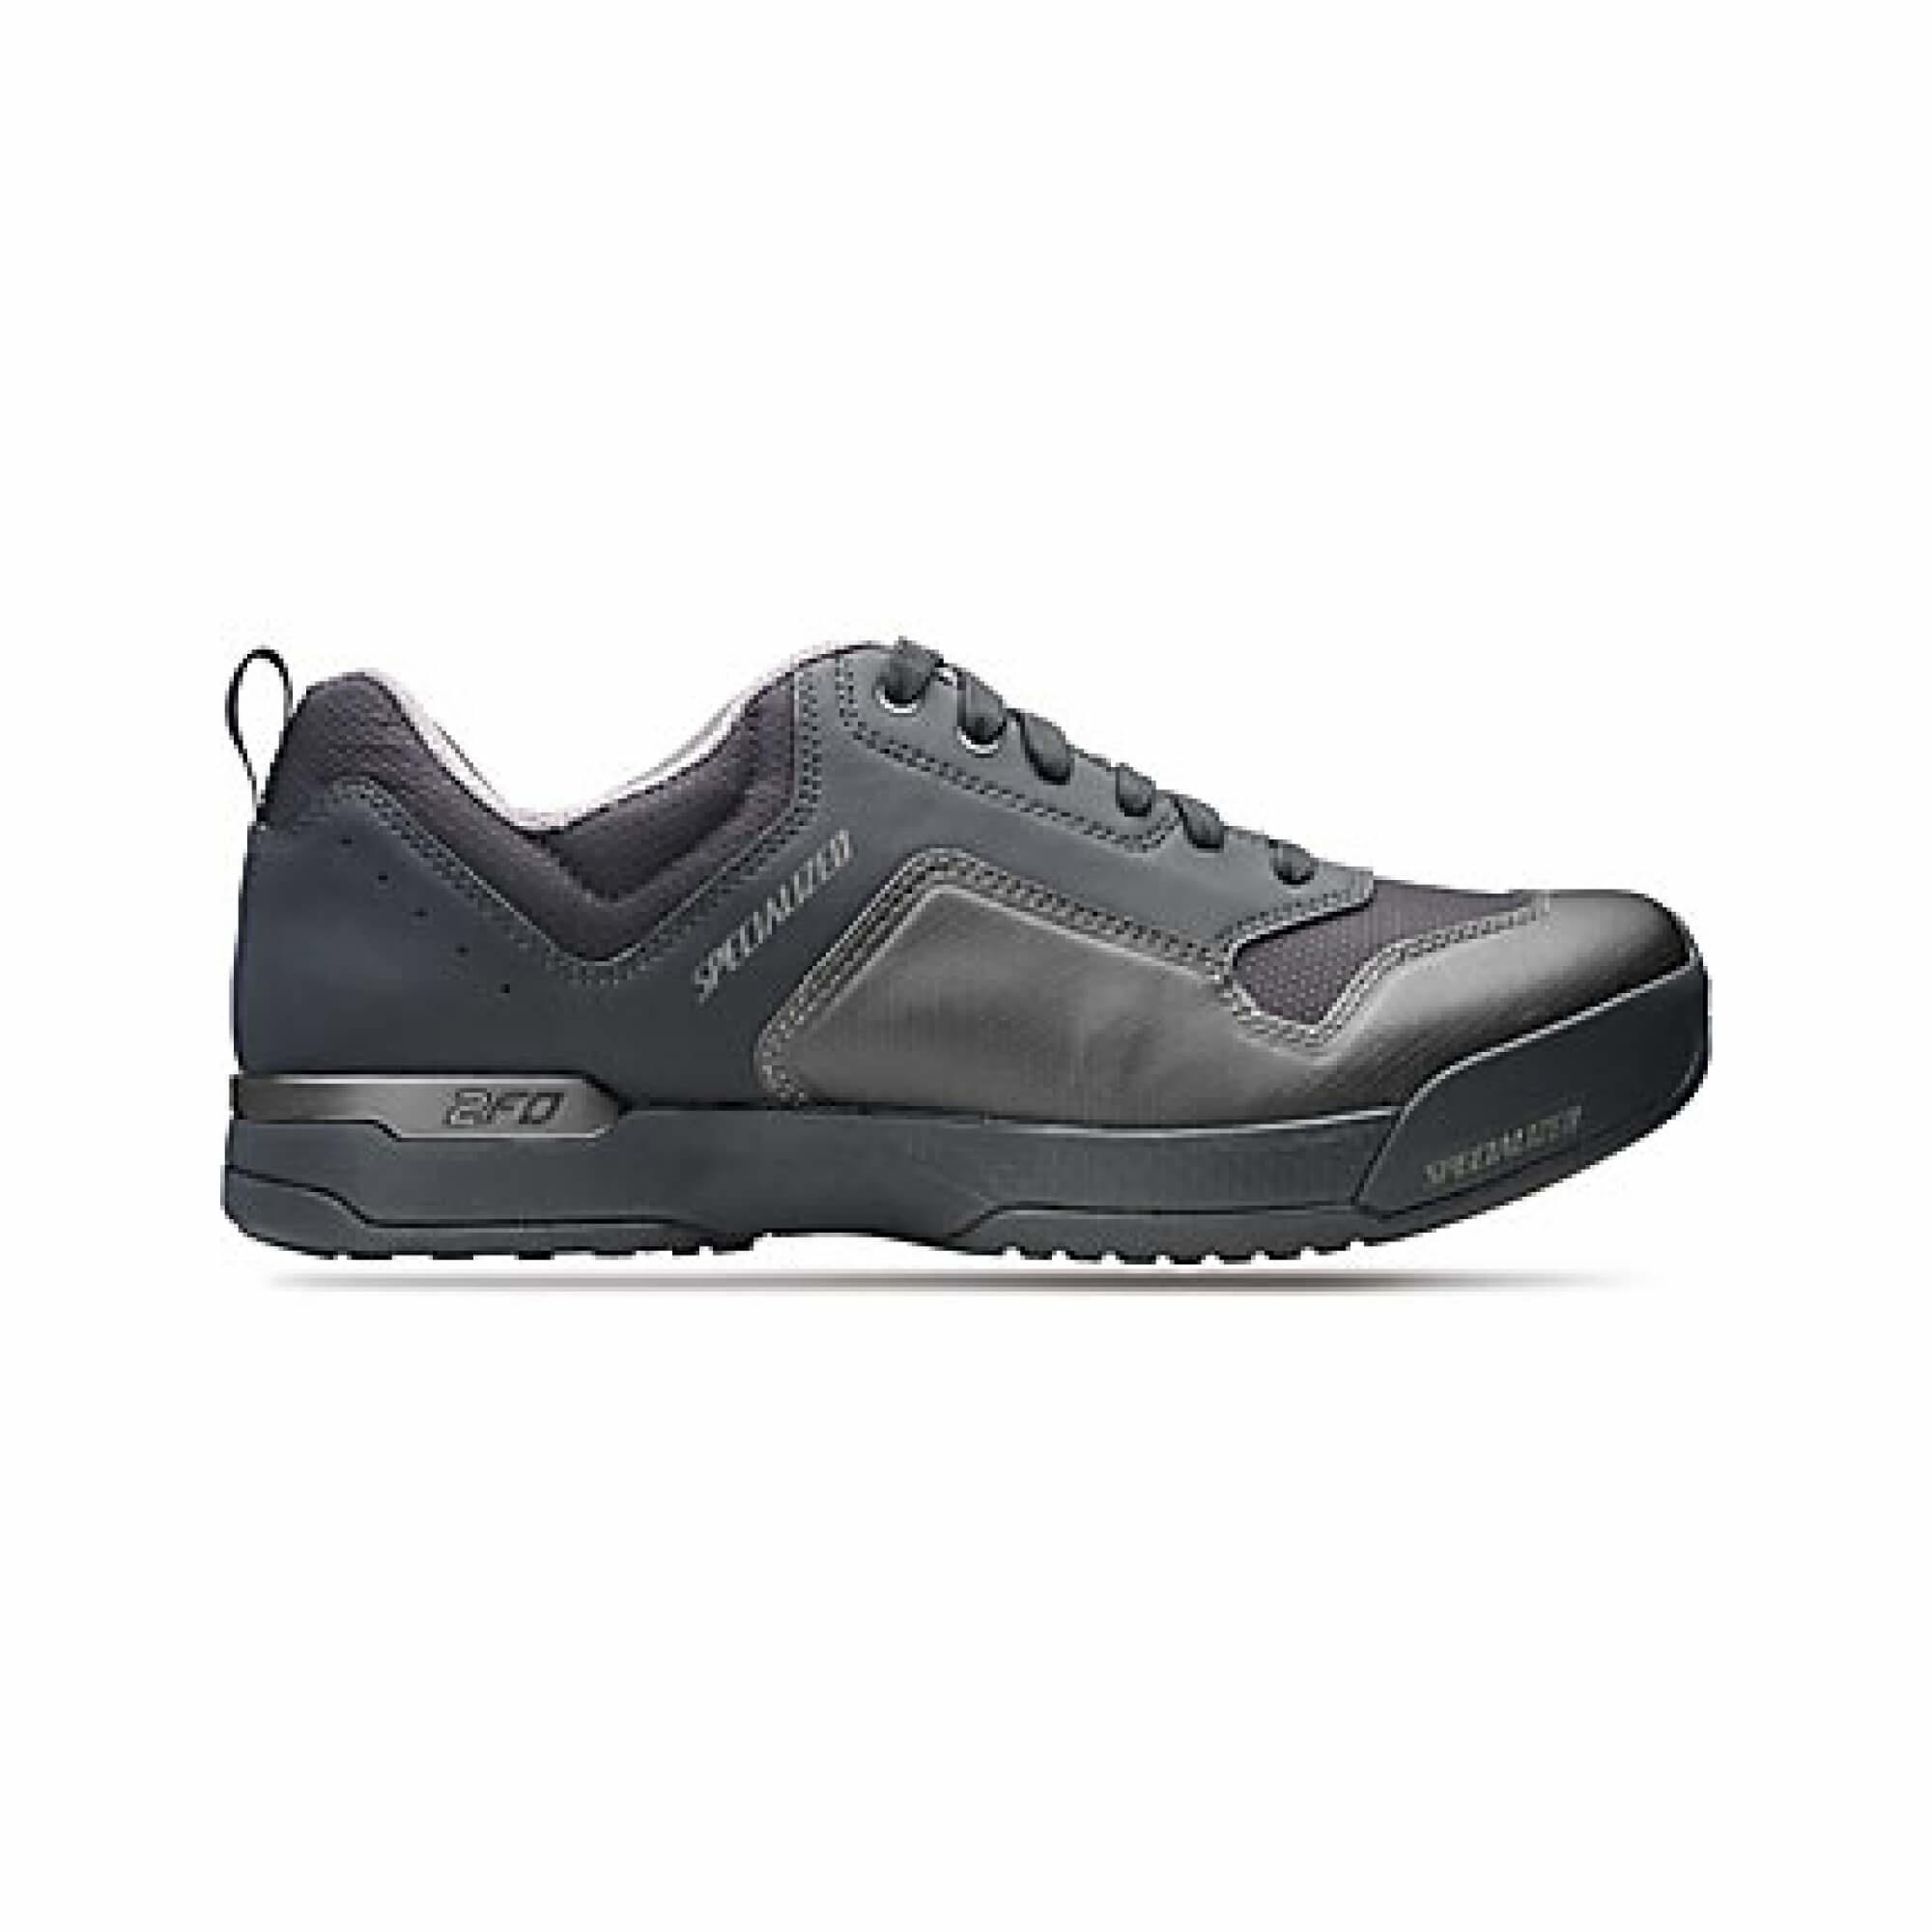 2FO Cliplite Lace MTB Shoe Blk 38 Size: 38-1